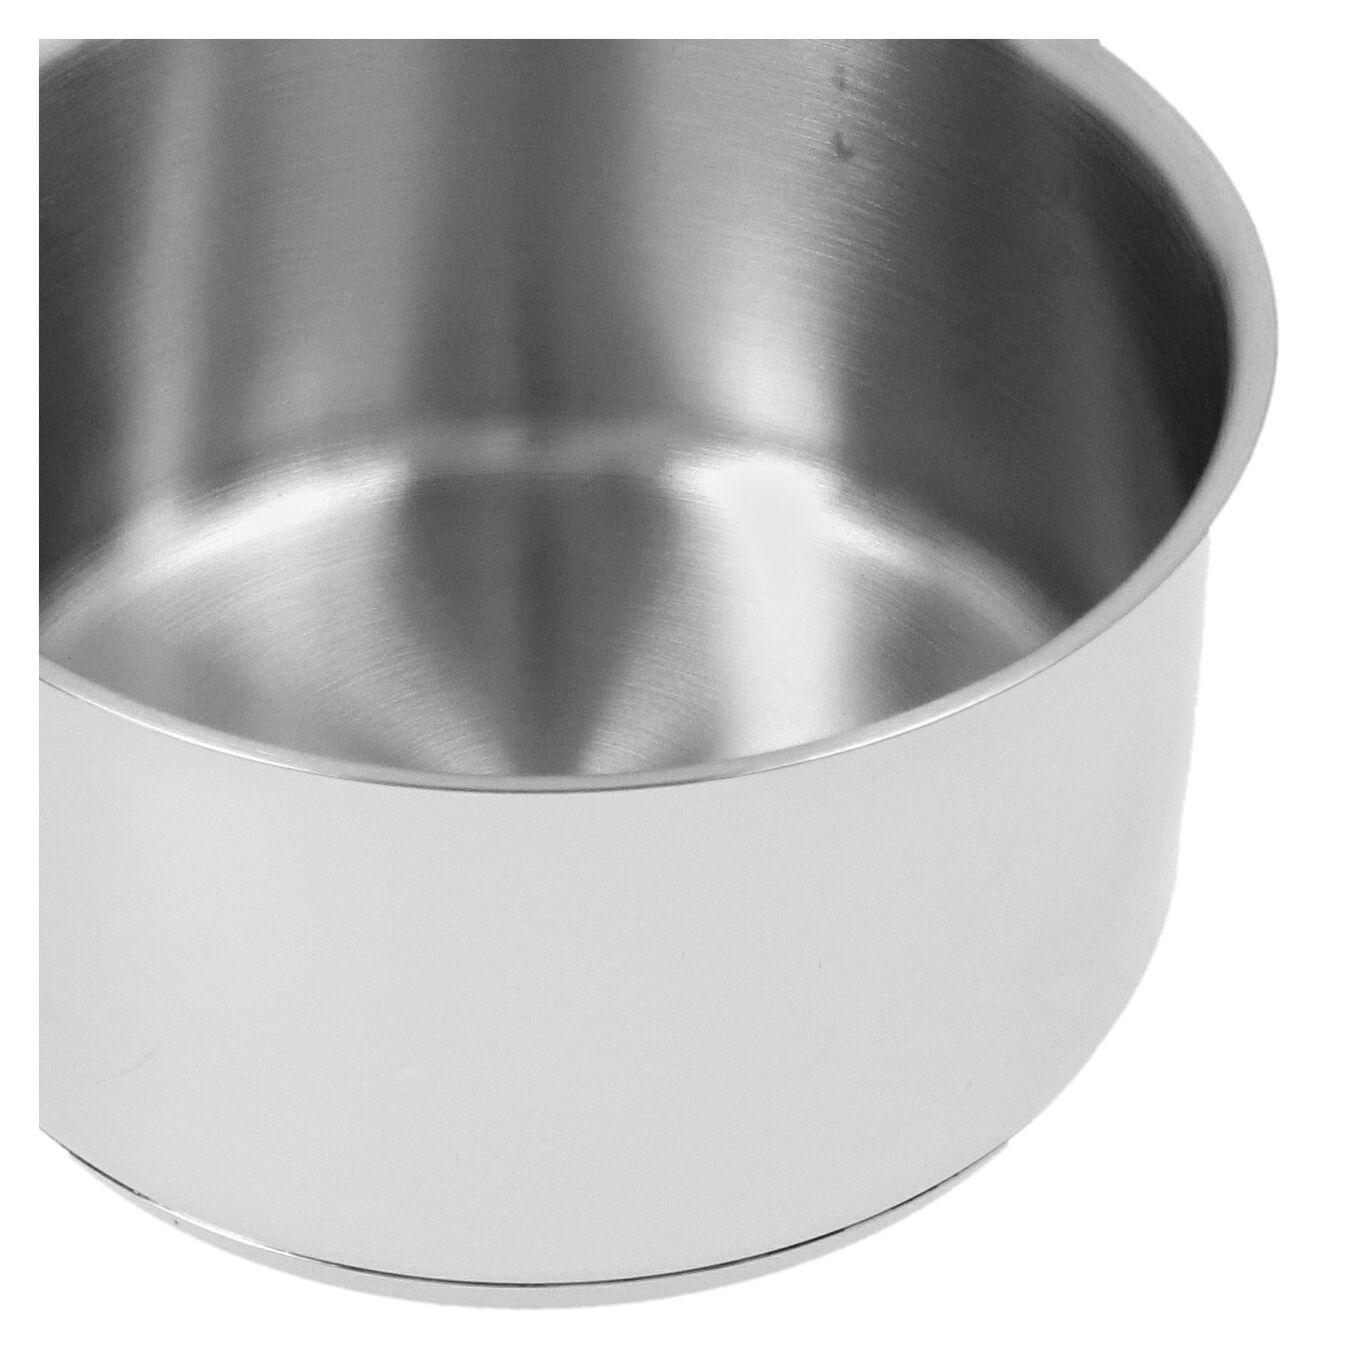 Resto Sossentopf 12 cm 12 cm, 18/10 Edelstahl, Silber,,large 5